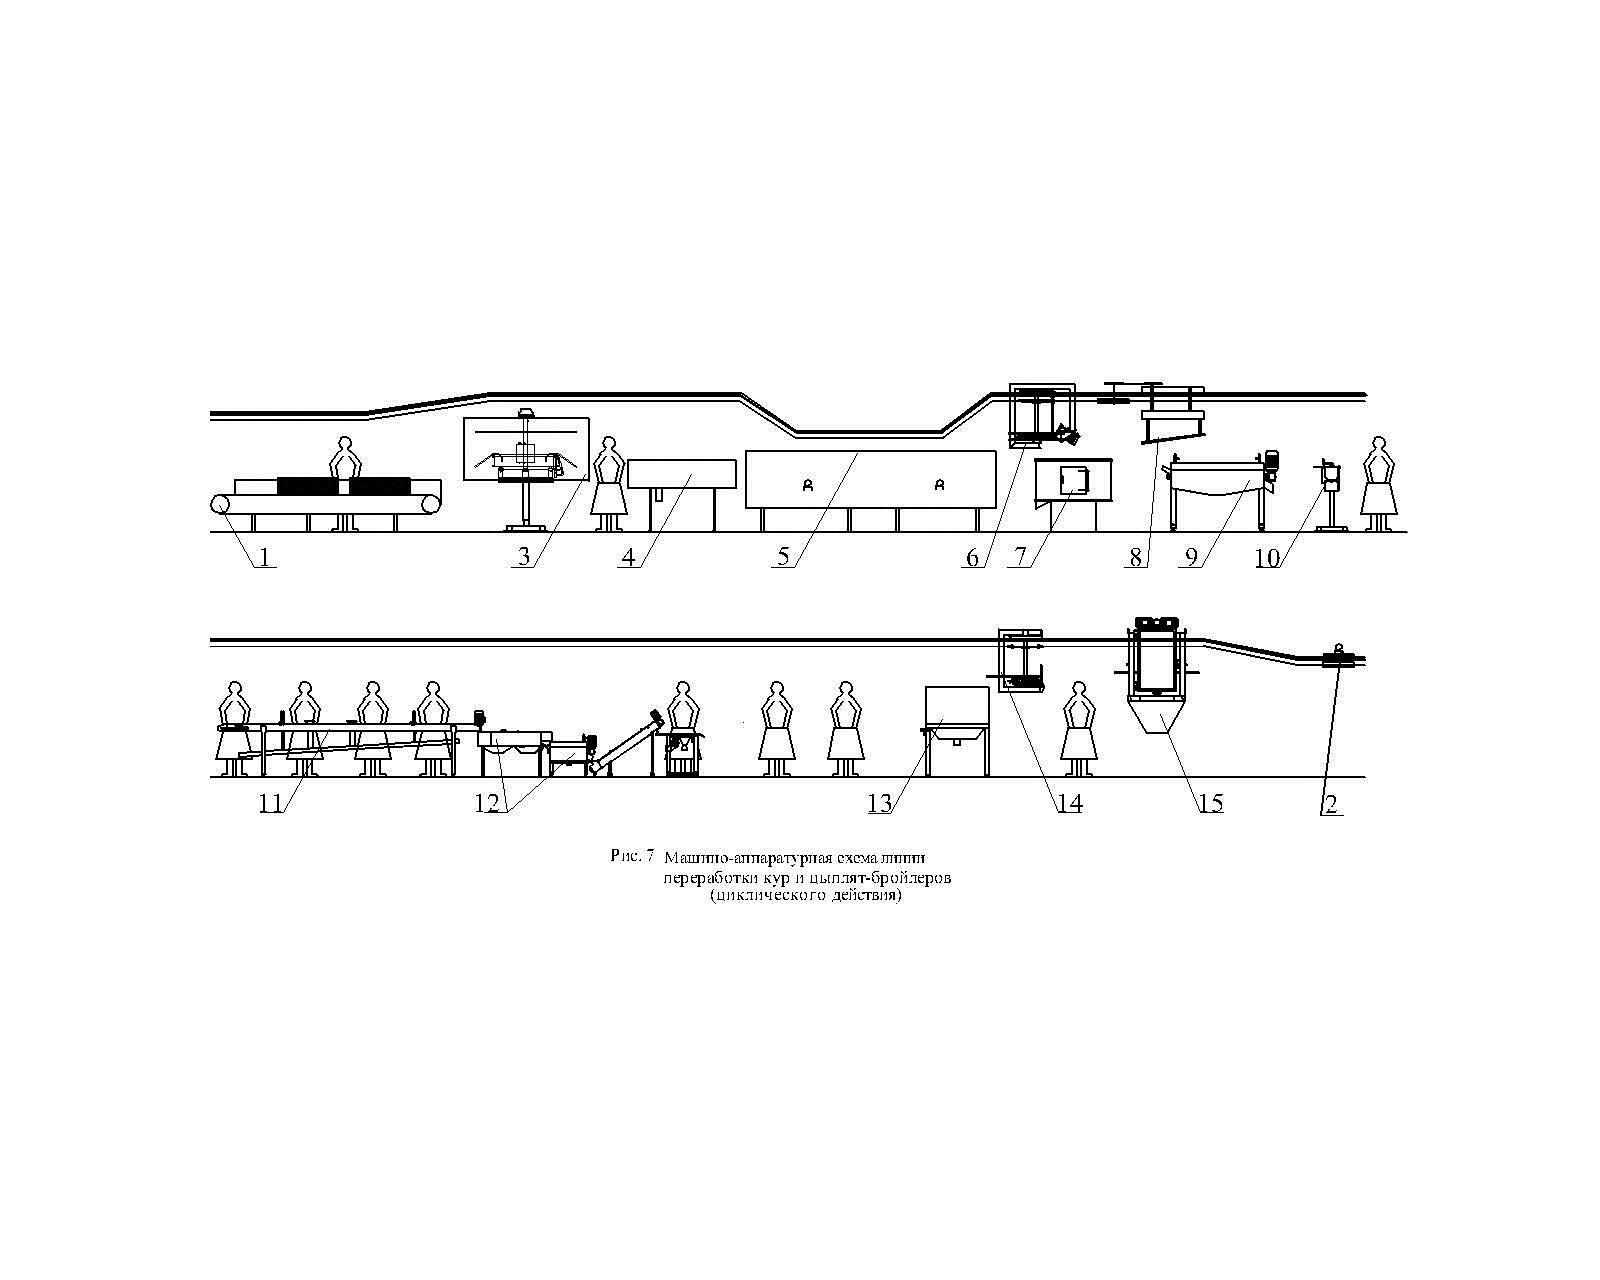 машино-аппаратурная схема линии переработки кур и цыплят-бройлеров (циклического действия)